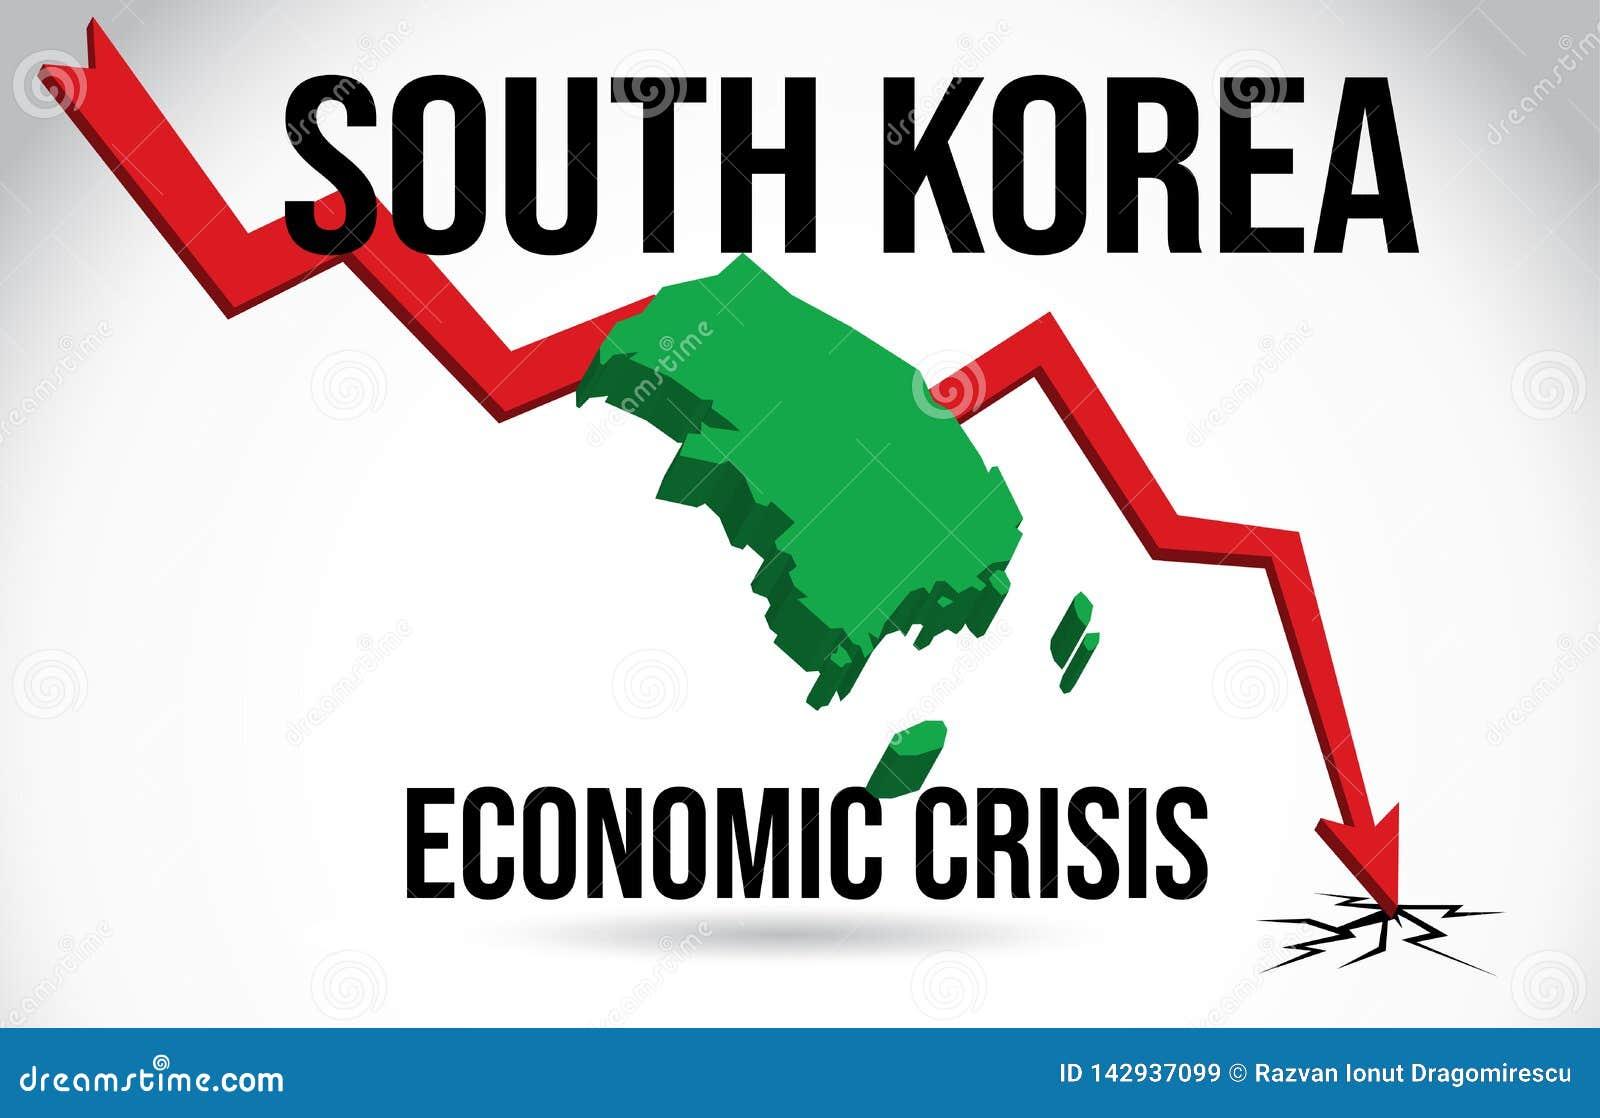 South Korea Map Financial Crisis Economic Collapse Market Crash